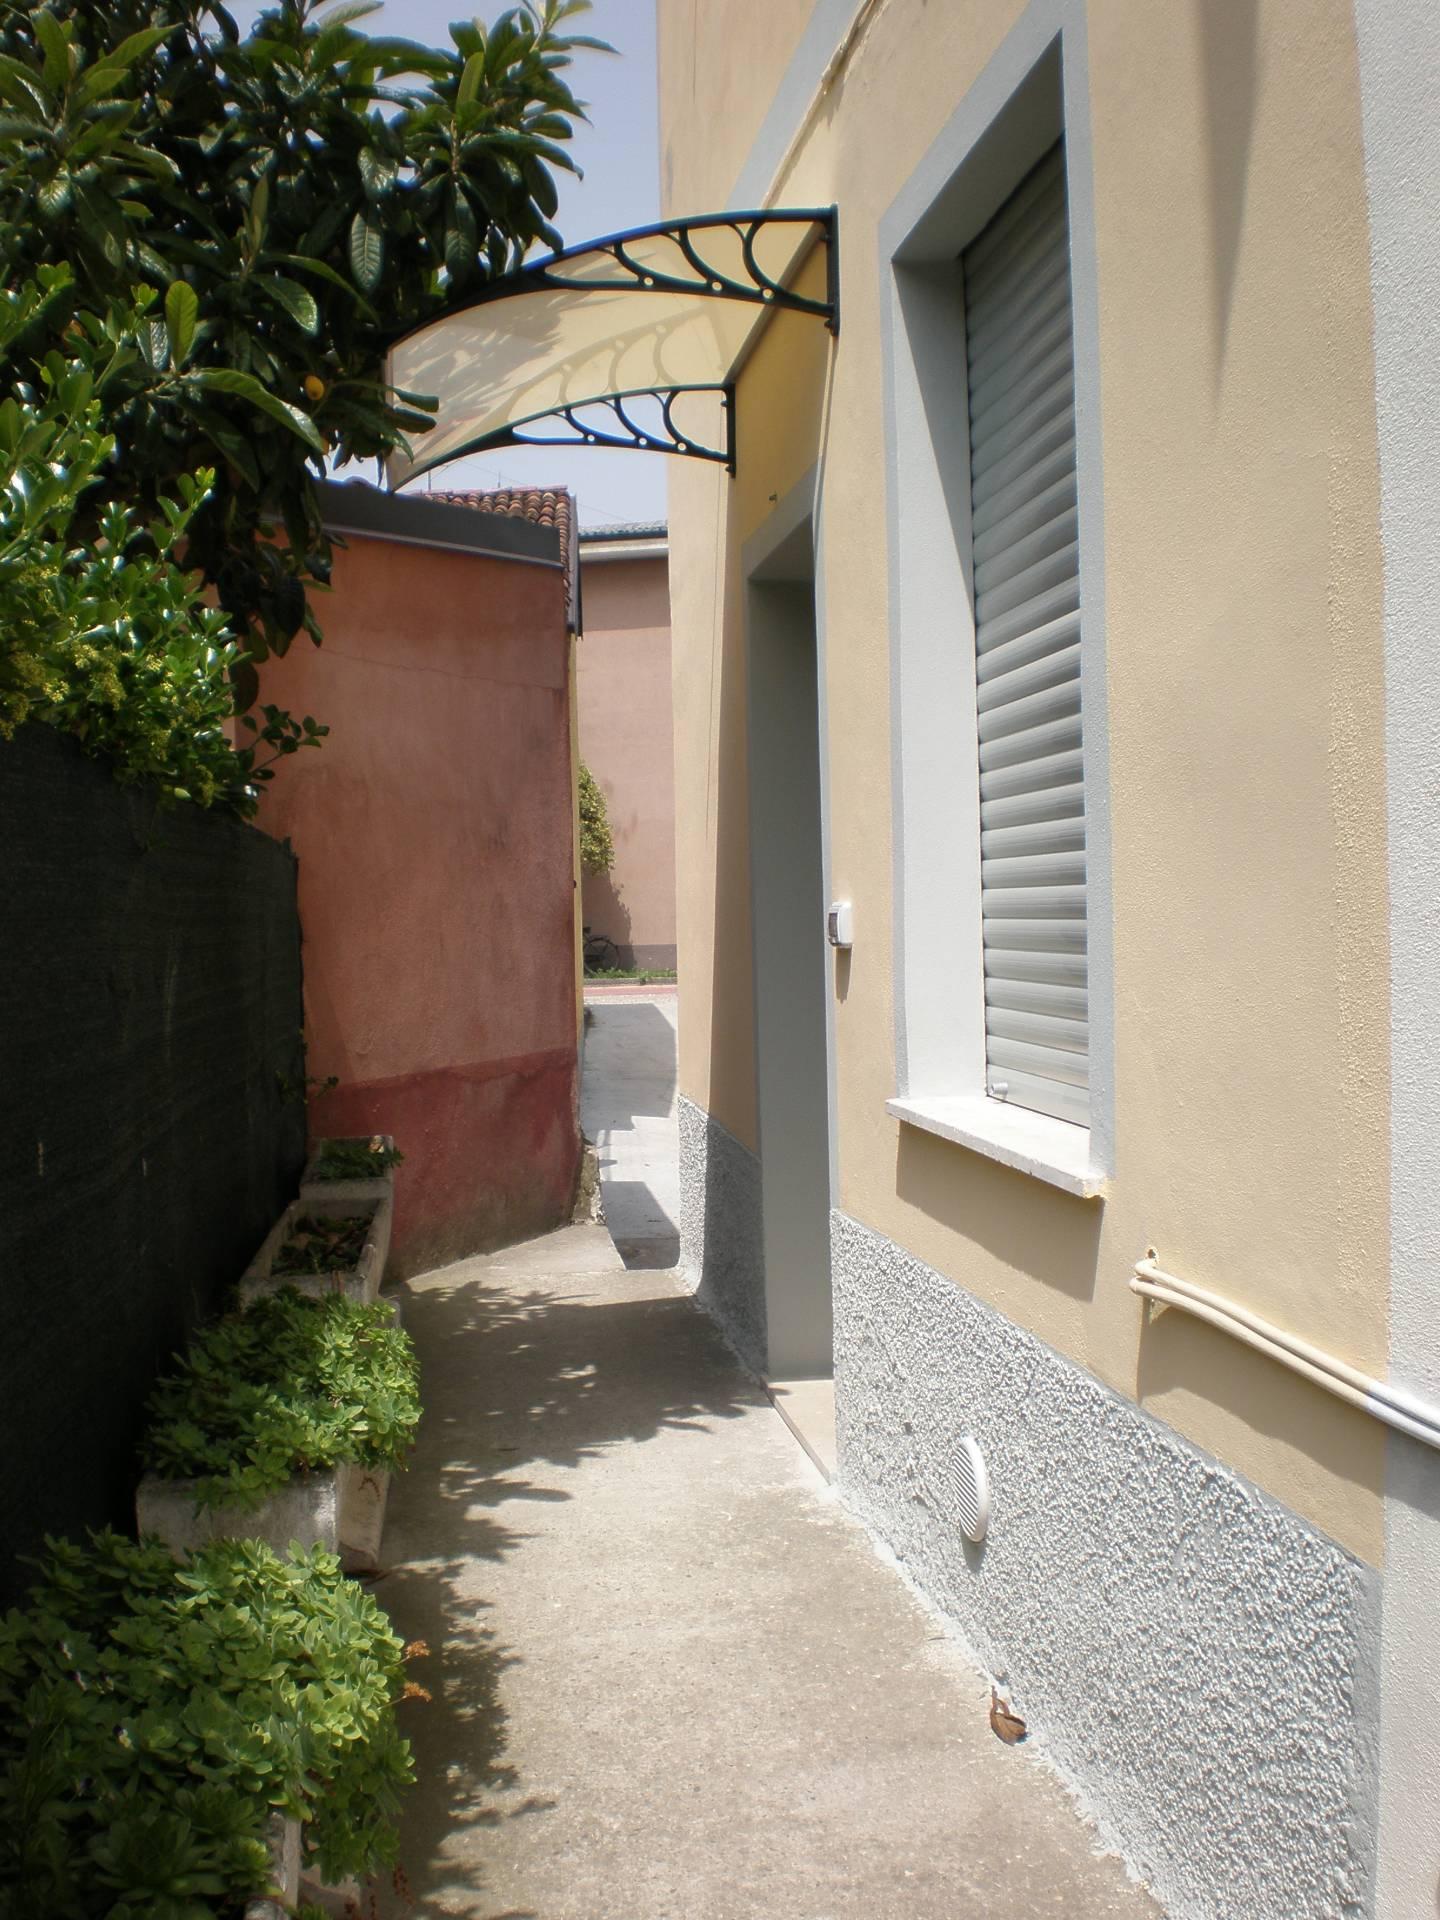 Appartamento in vendita a Boffalora d'Adda, 2 locali, prezzo € 58.000 | Cambio Casa.it